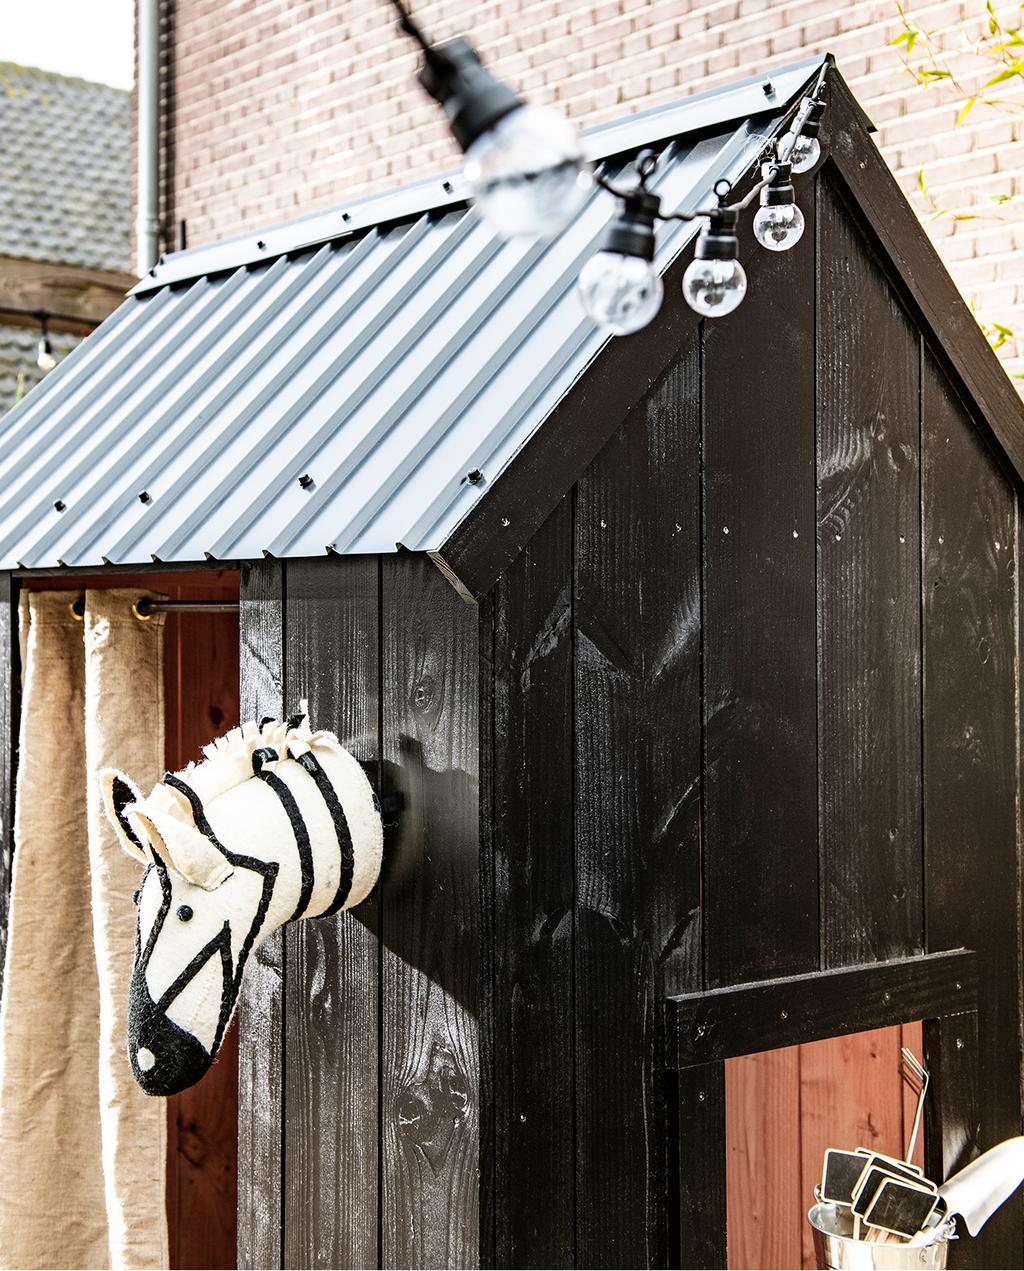 vtwonen tuin special 1 2020 | speelhuisje zebra knuffel en peerlampjes